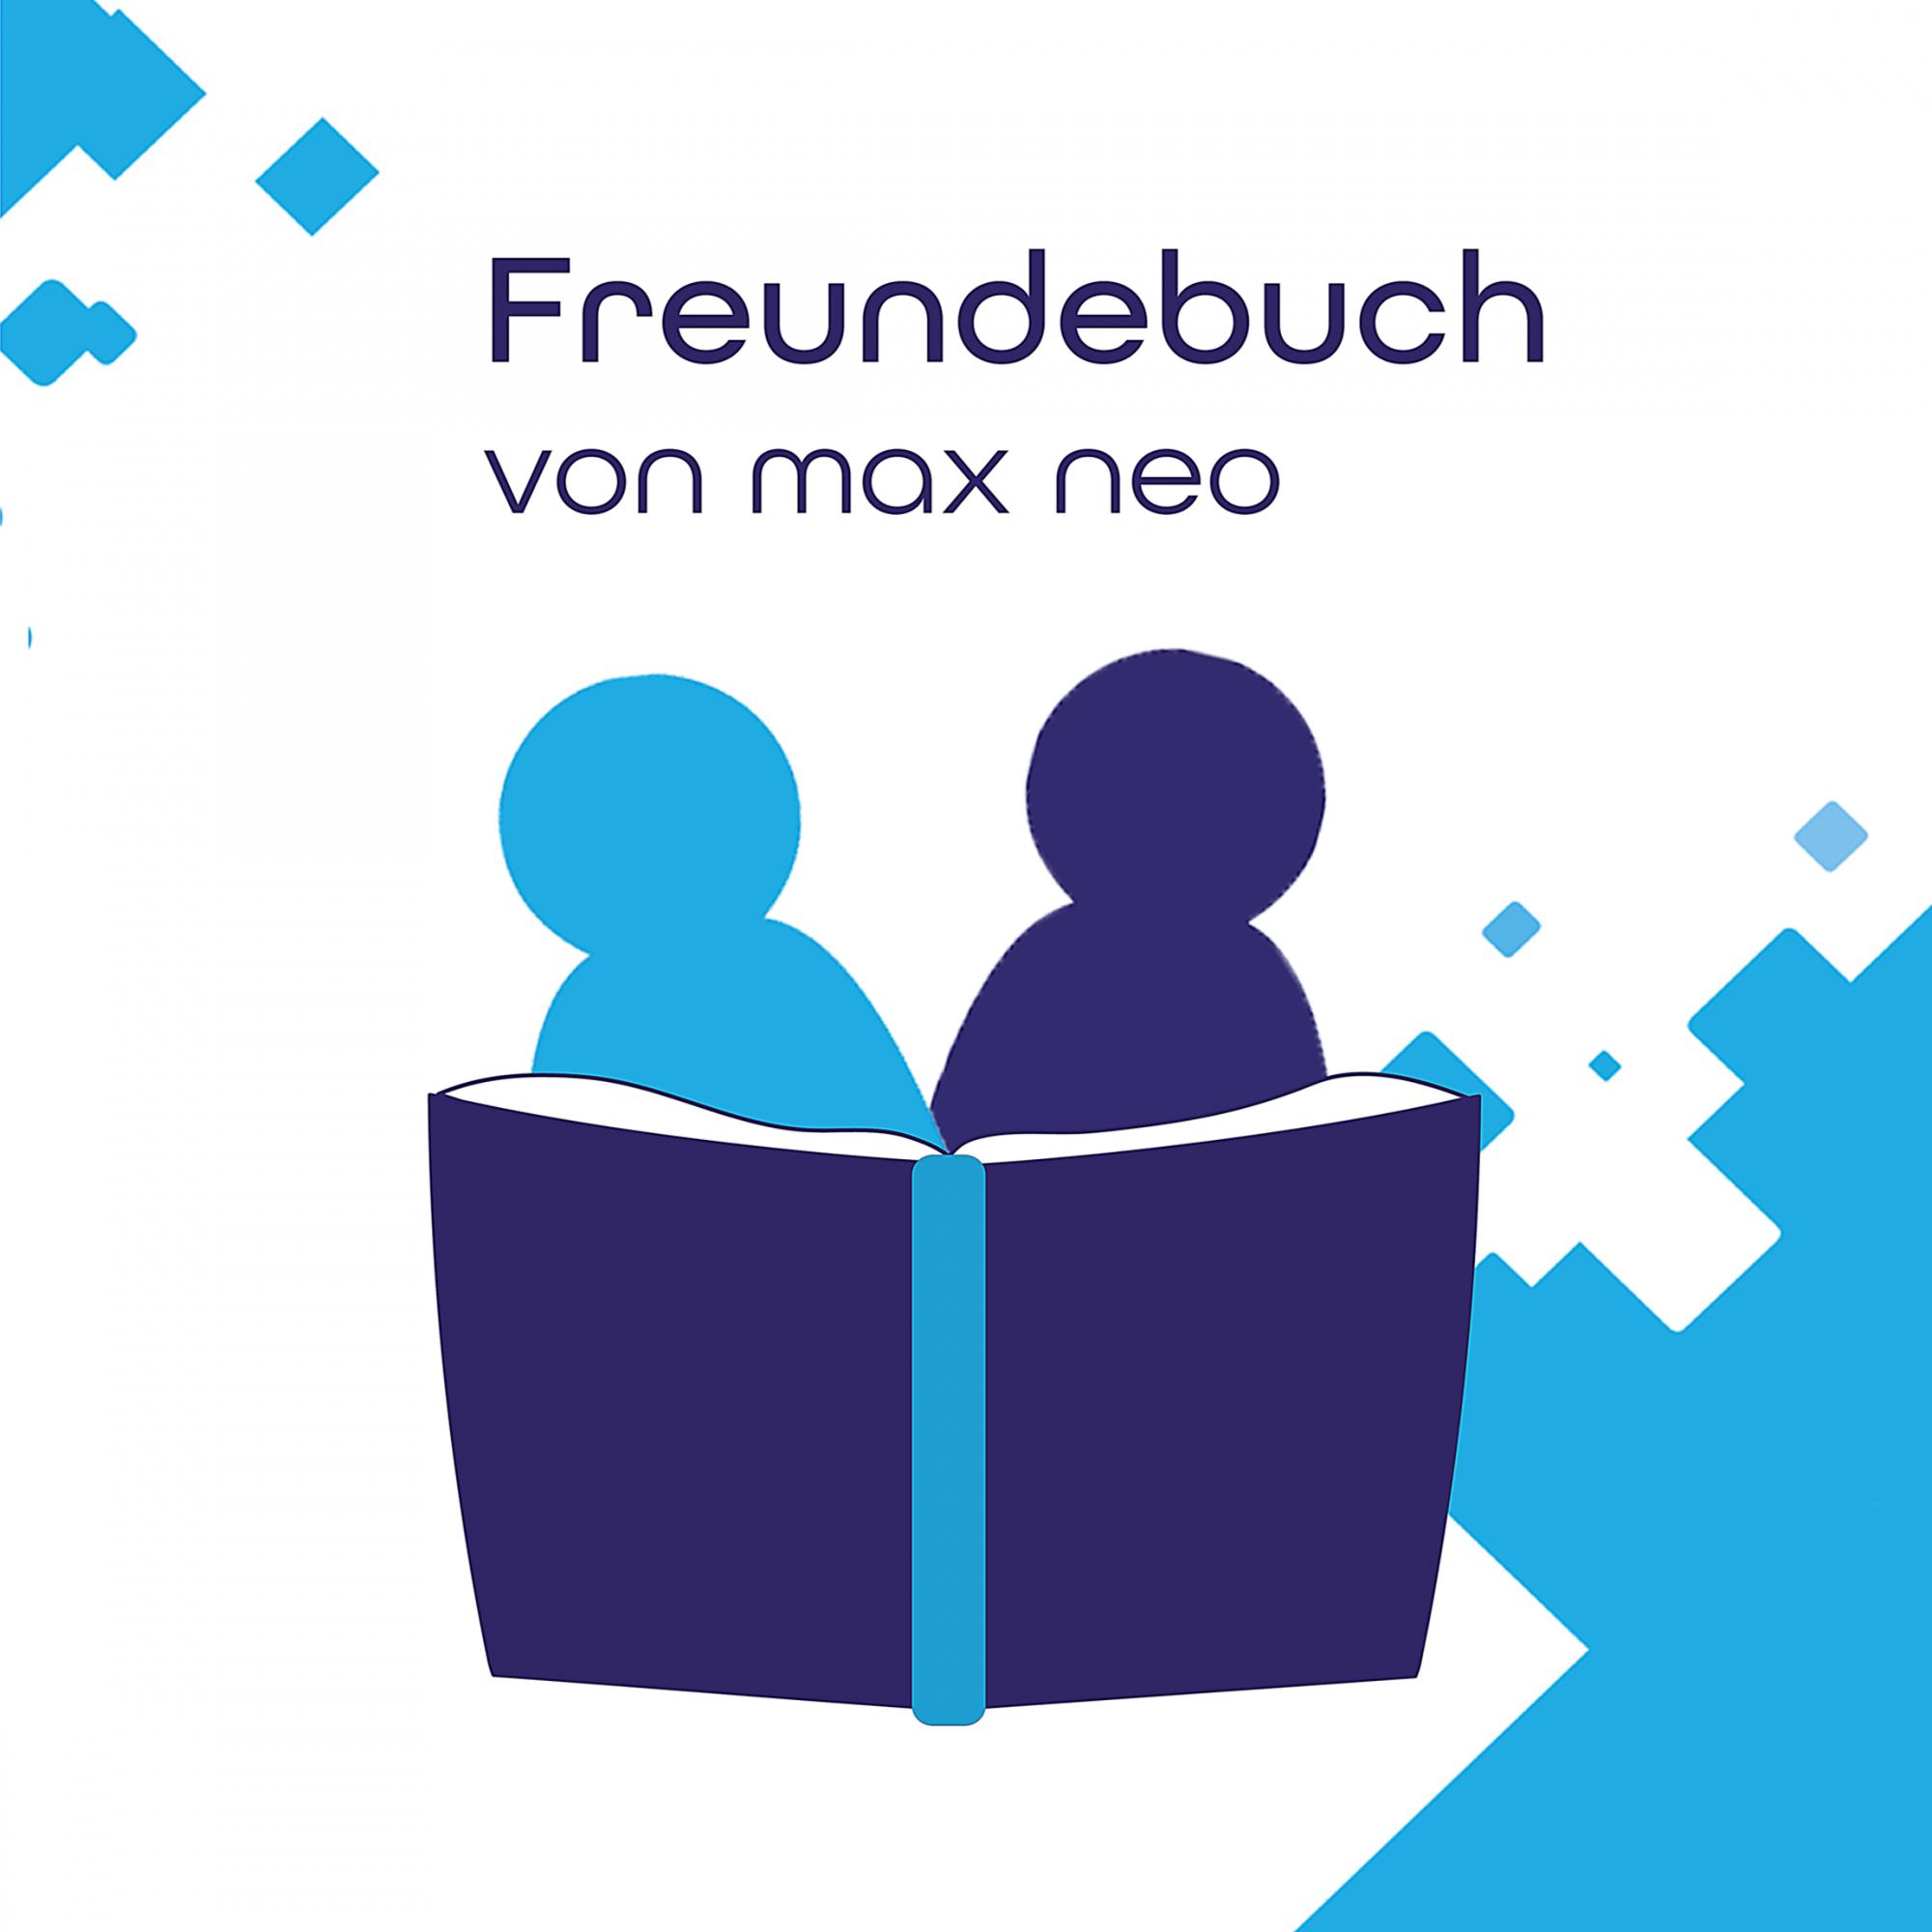 """Das ist das Logo unseres Podcasts """"Freundebuch"""". Über einer Grafik steht """"Freundebuch von max neo""""."""